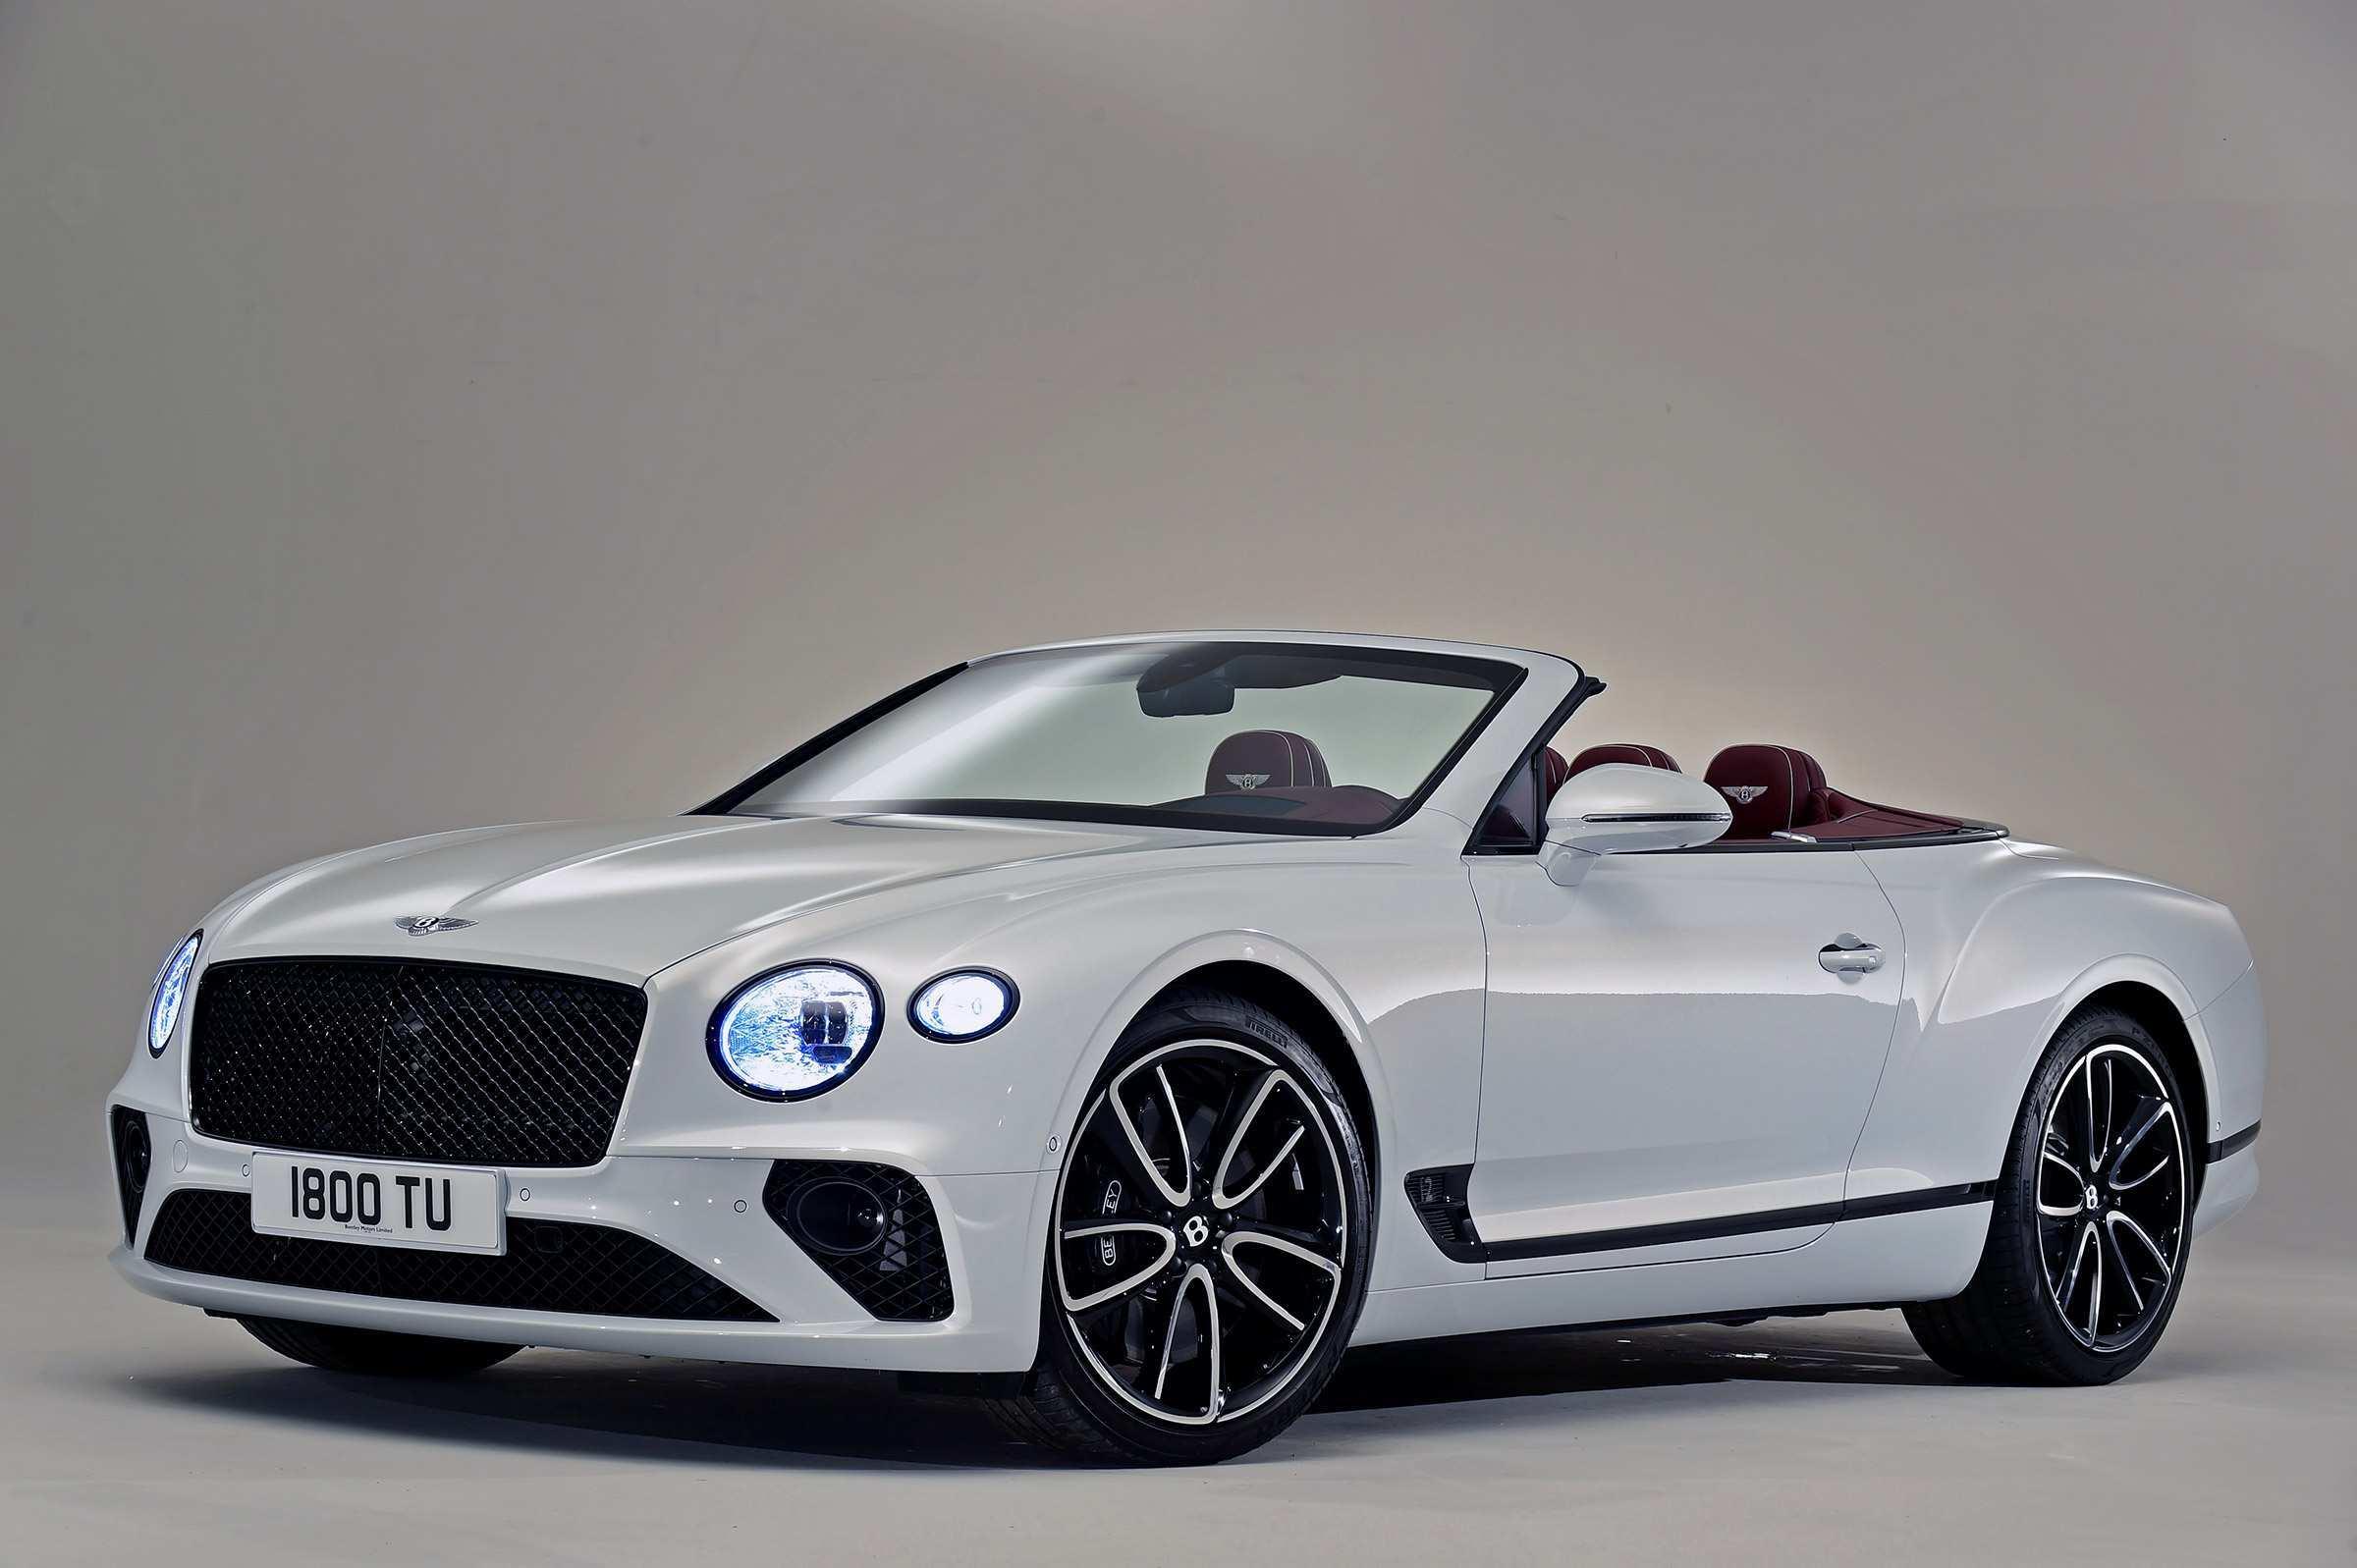 31 Best Review 2019 Bentley Continental Gt Specs Specs for 2019 Bentley Continental Gt Specs